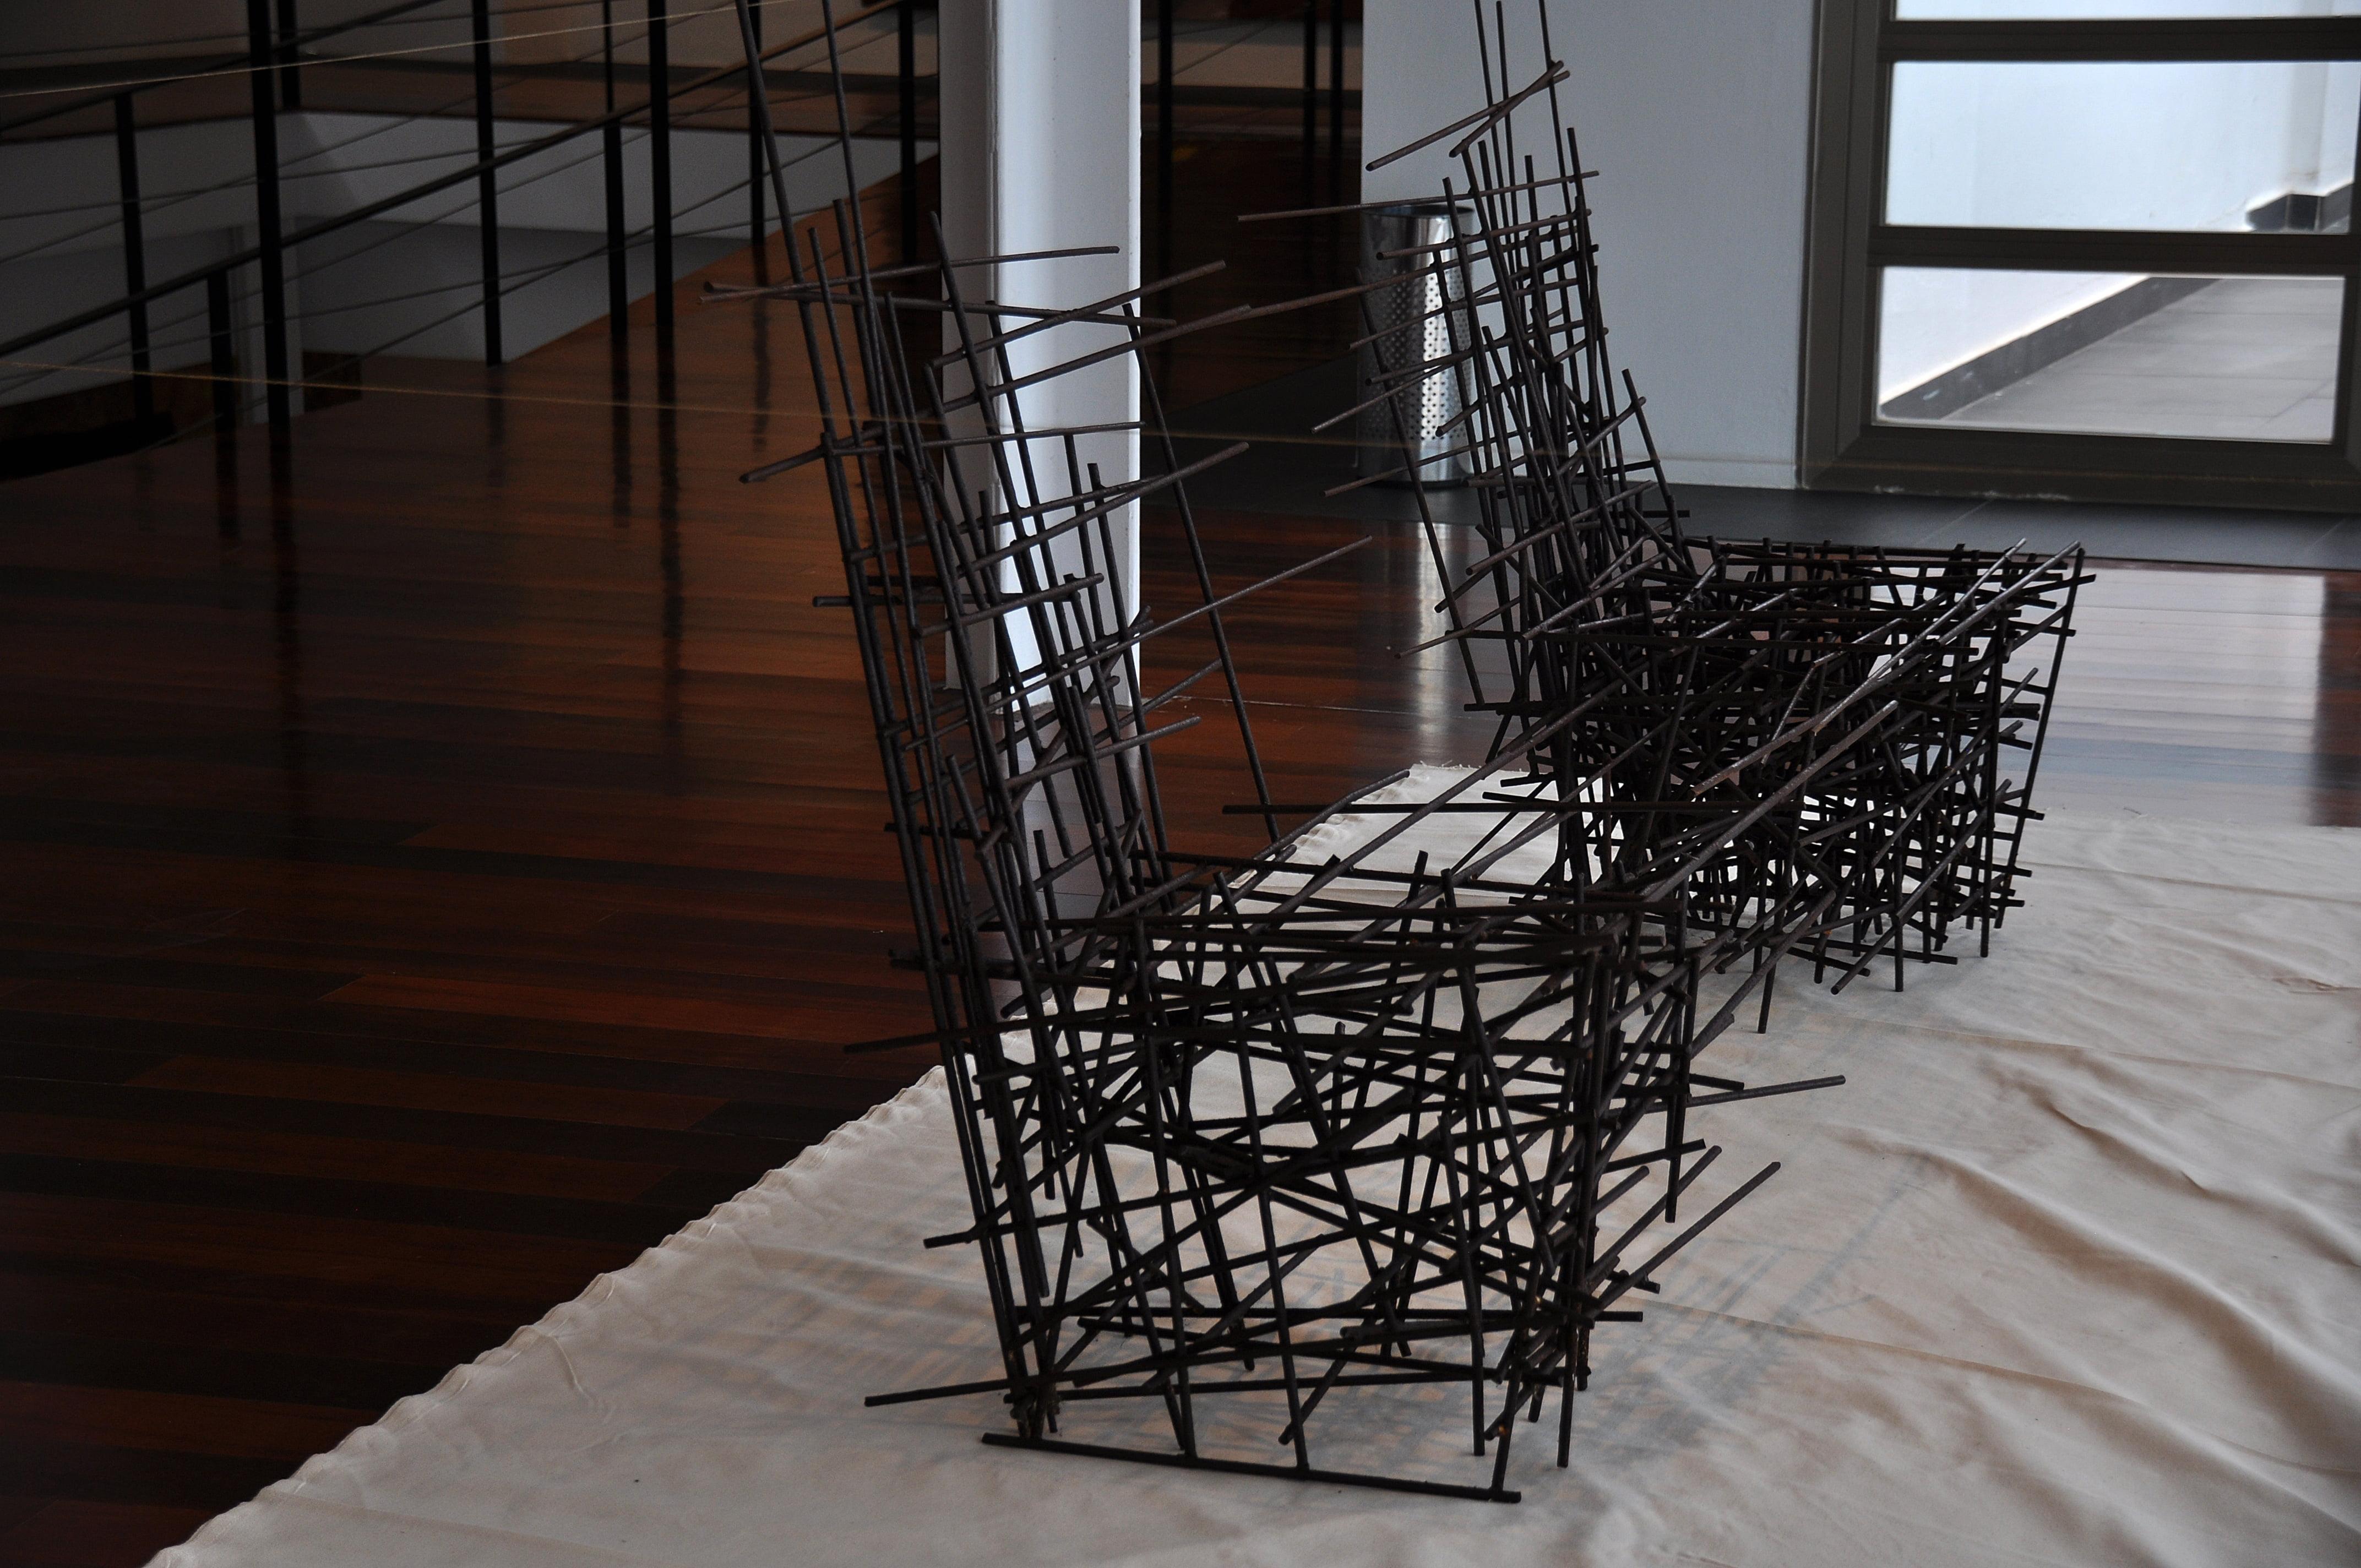 Sillas de metal que simbolizan la unión y separación del cable